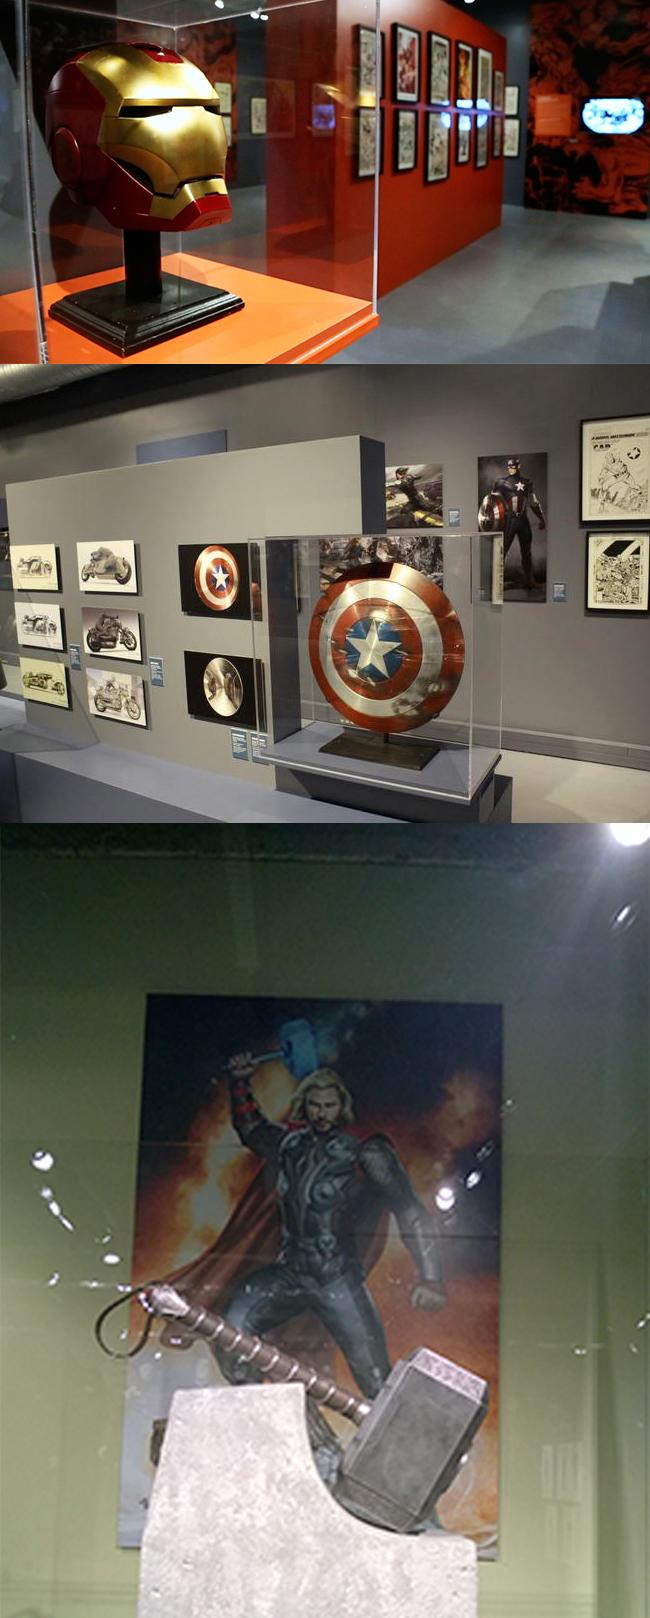 objets des films marvel